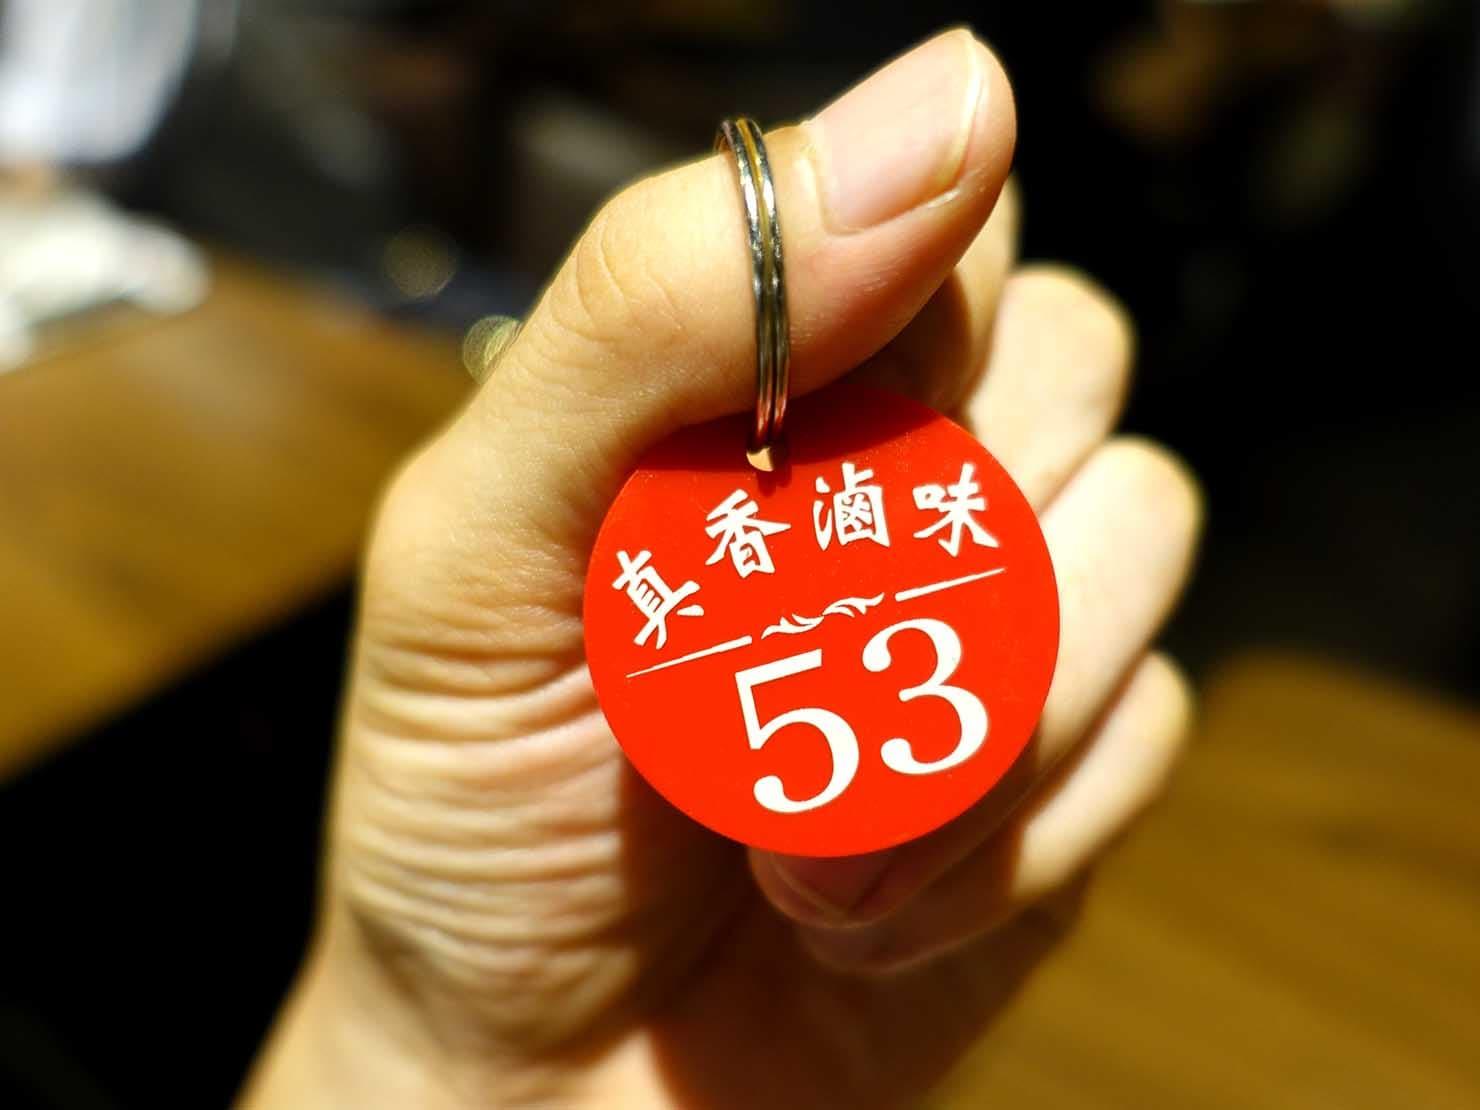 台北・中山駅周辺のおすすめグルメ店「真香滷味」の番号札